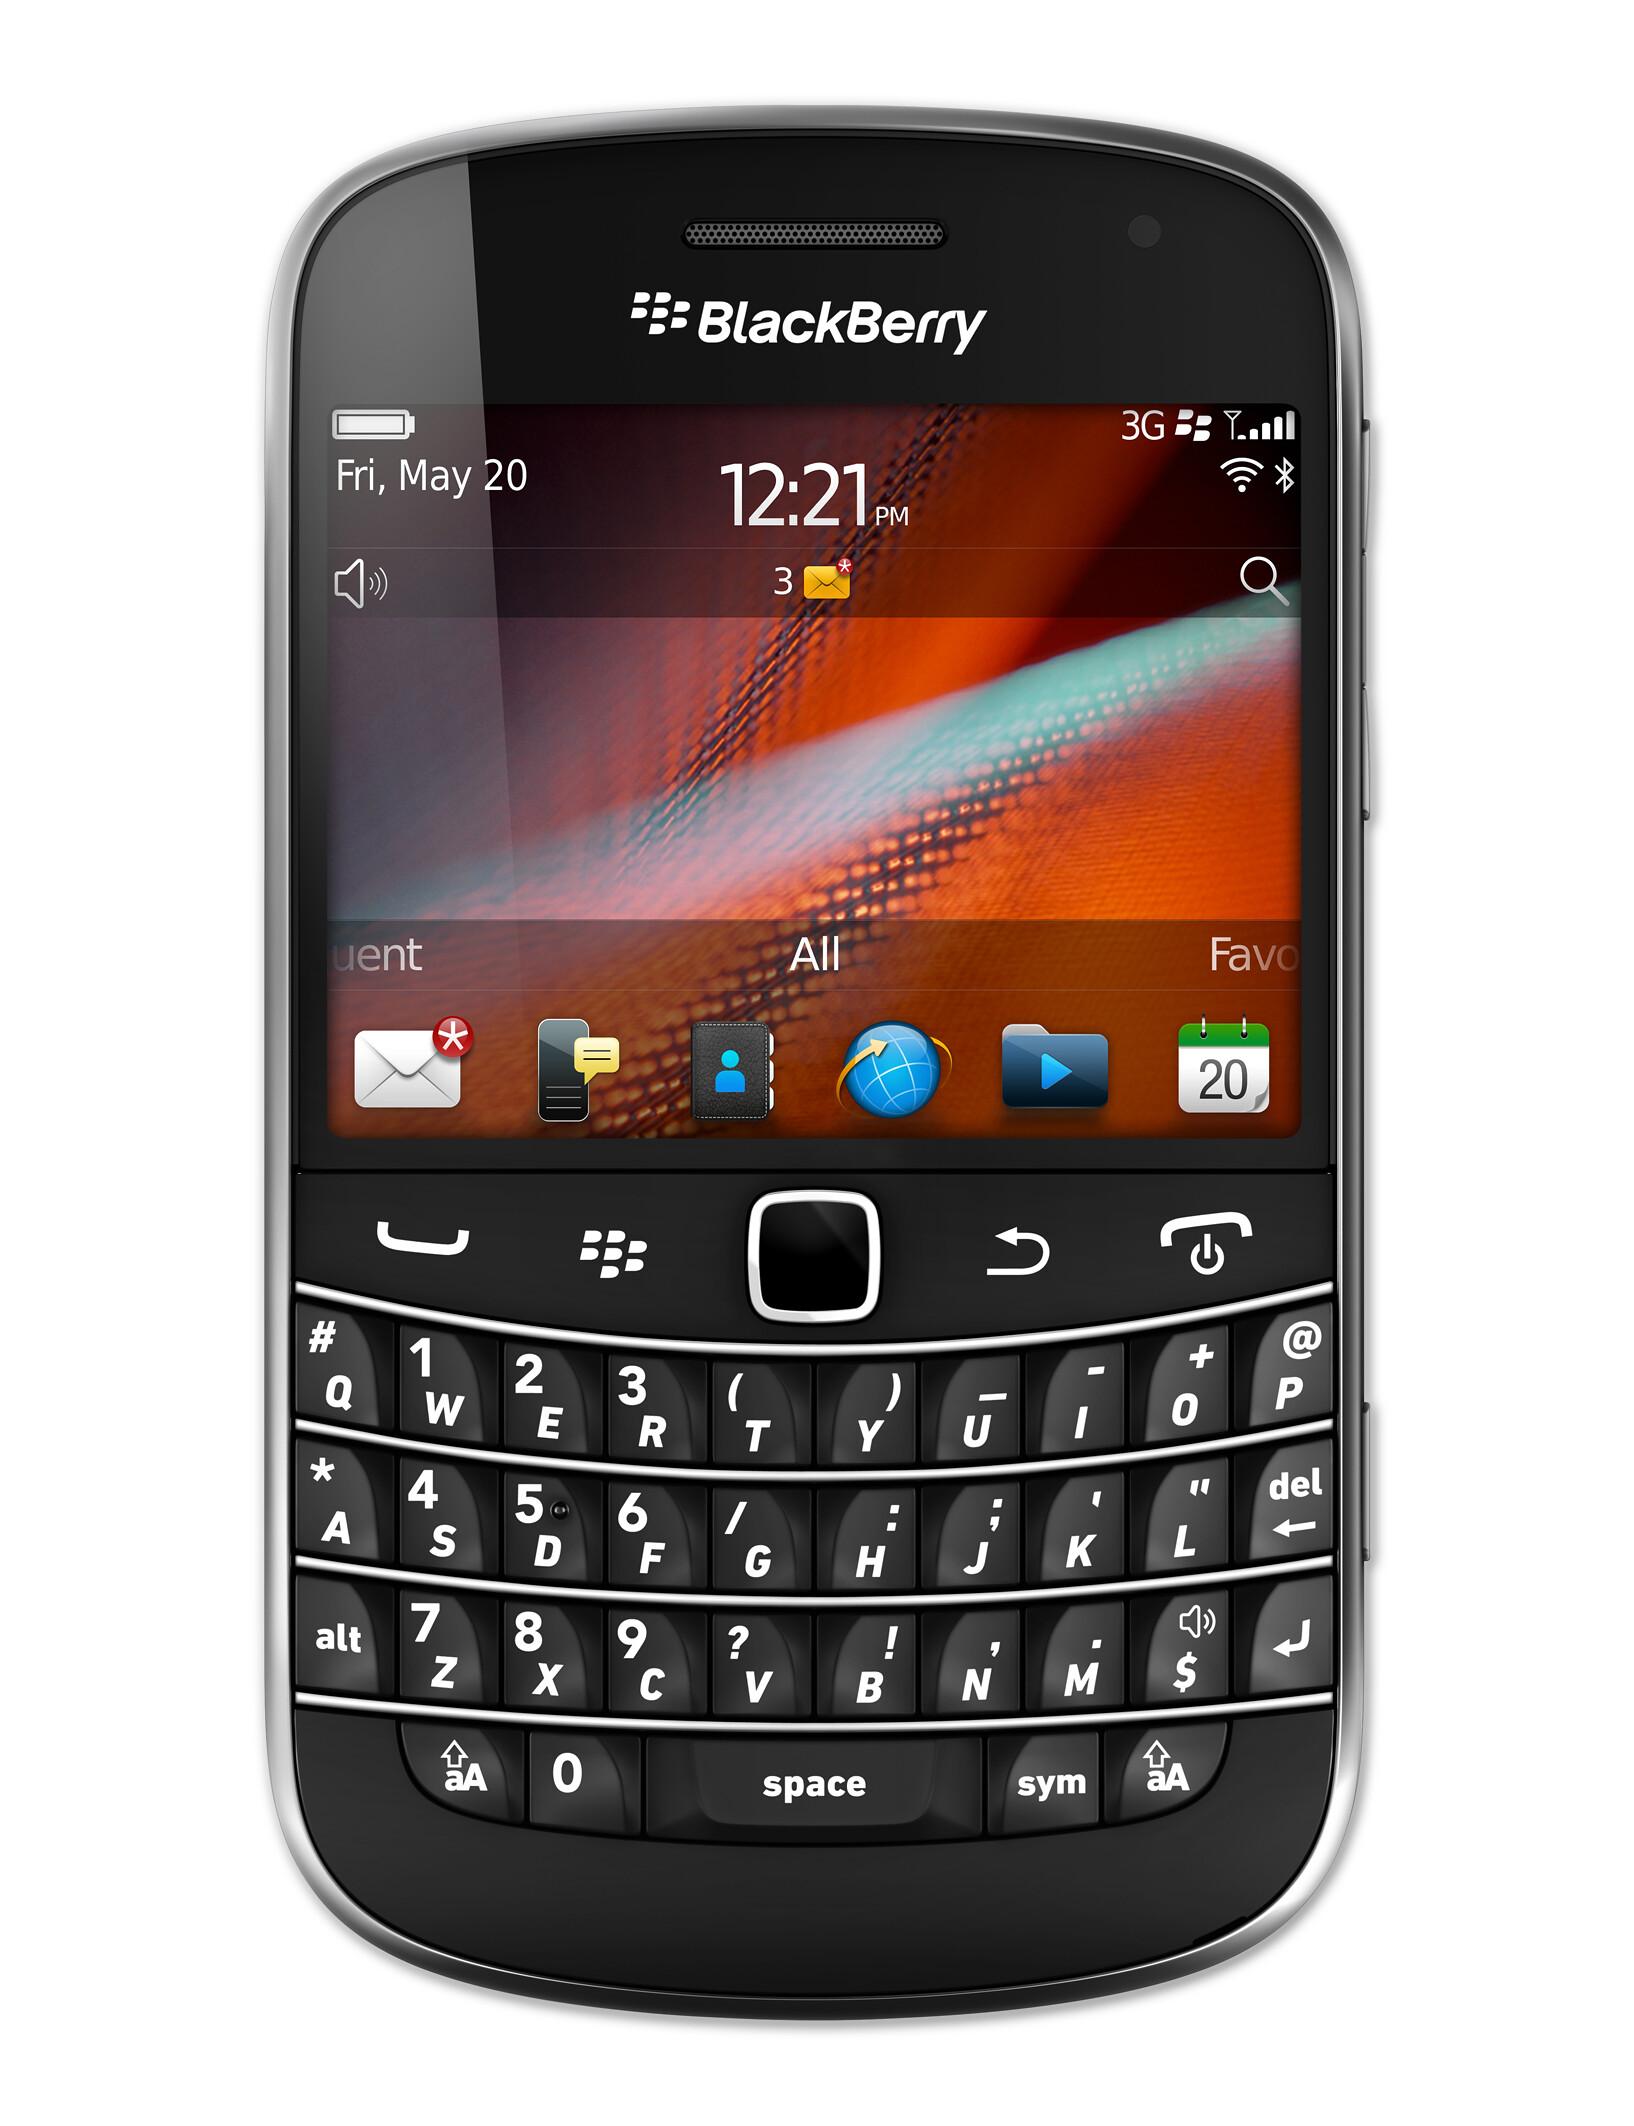 blackberry bold atu0026t manual